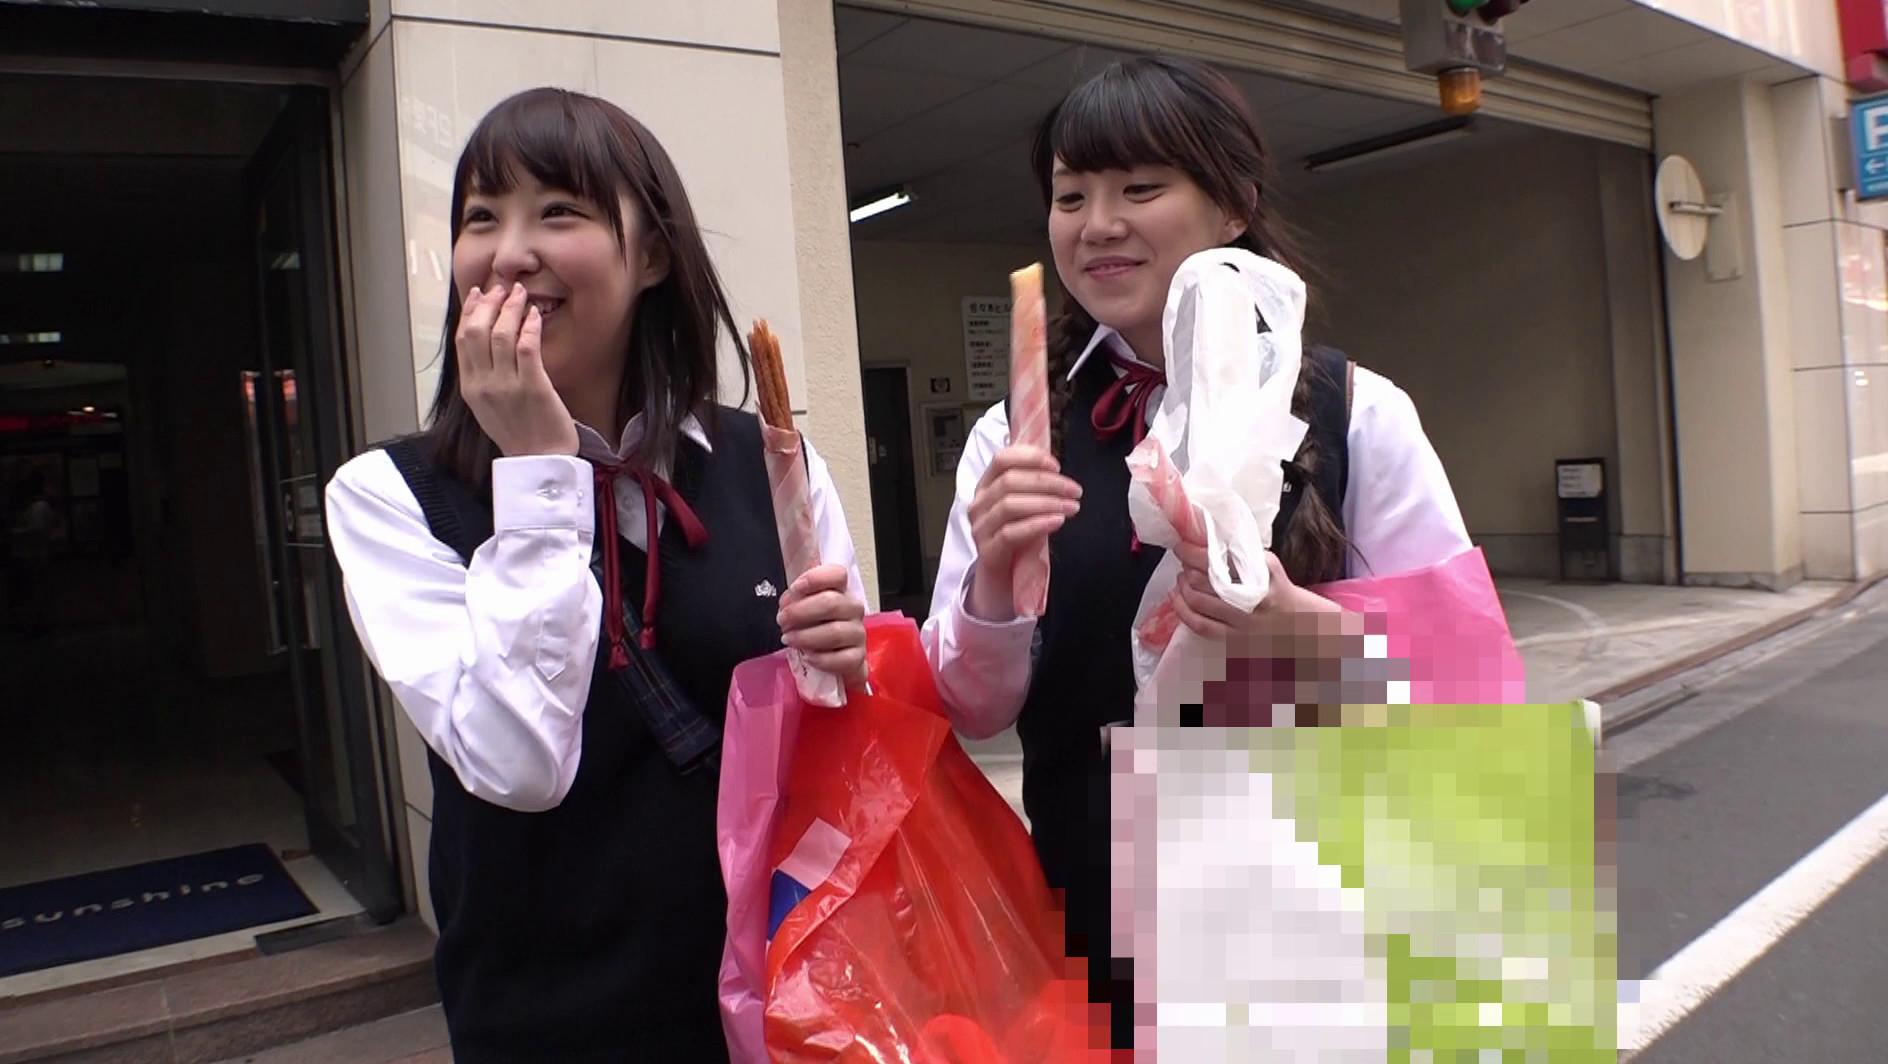 """修学旅行で東京に来たイモだけど超絶かわいい田舎女子高生を""""読モ""""にしてあげる、とダマして中出し、お友達を電話で呼び出させてその娘もレイプ 画像1"""